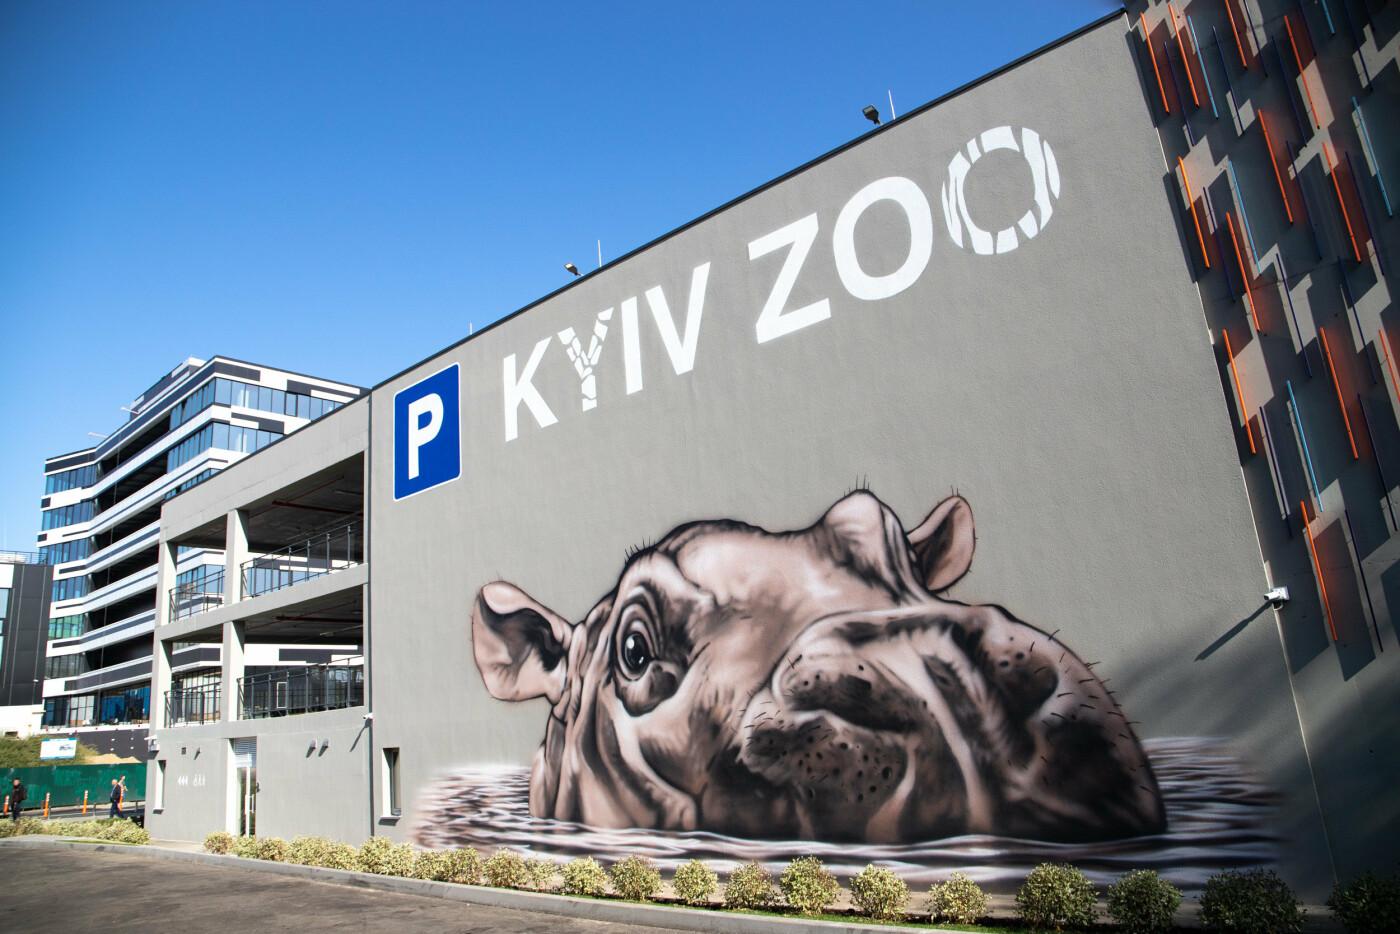 В Киевском зоопарке открыли трехэтажный паркинг - ФОТО, фото-1